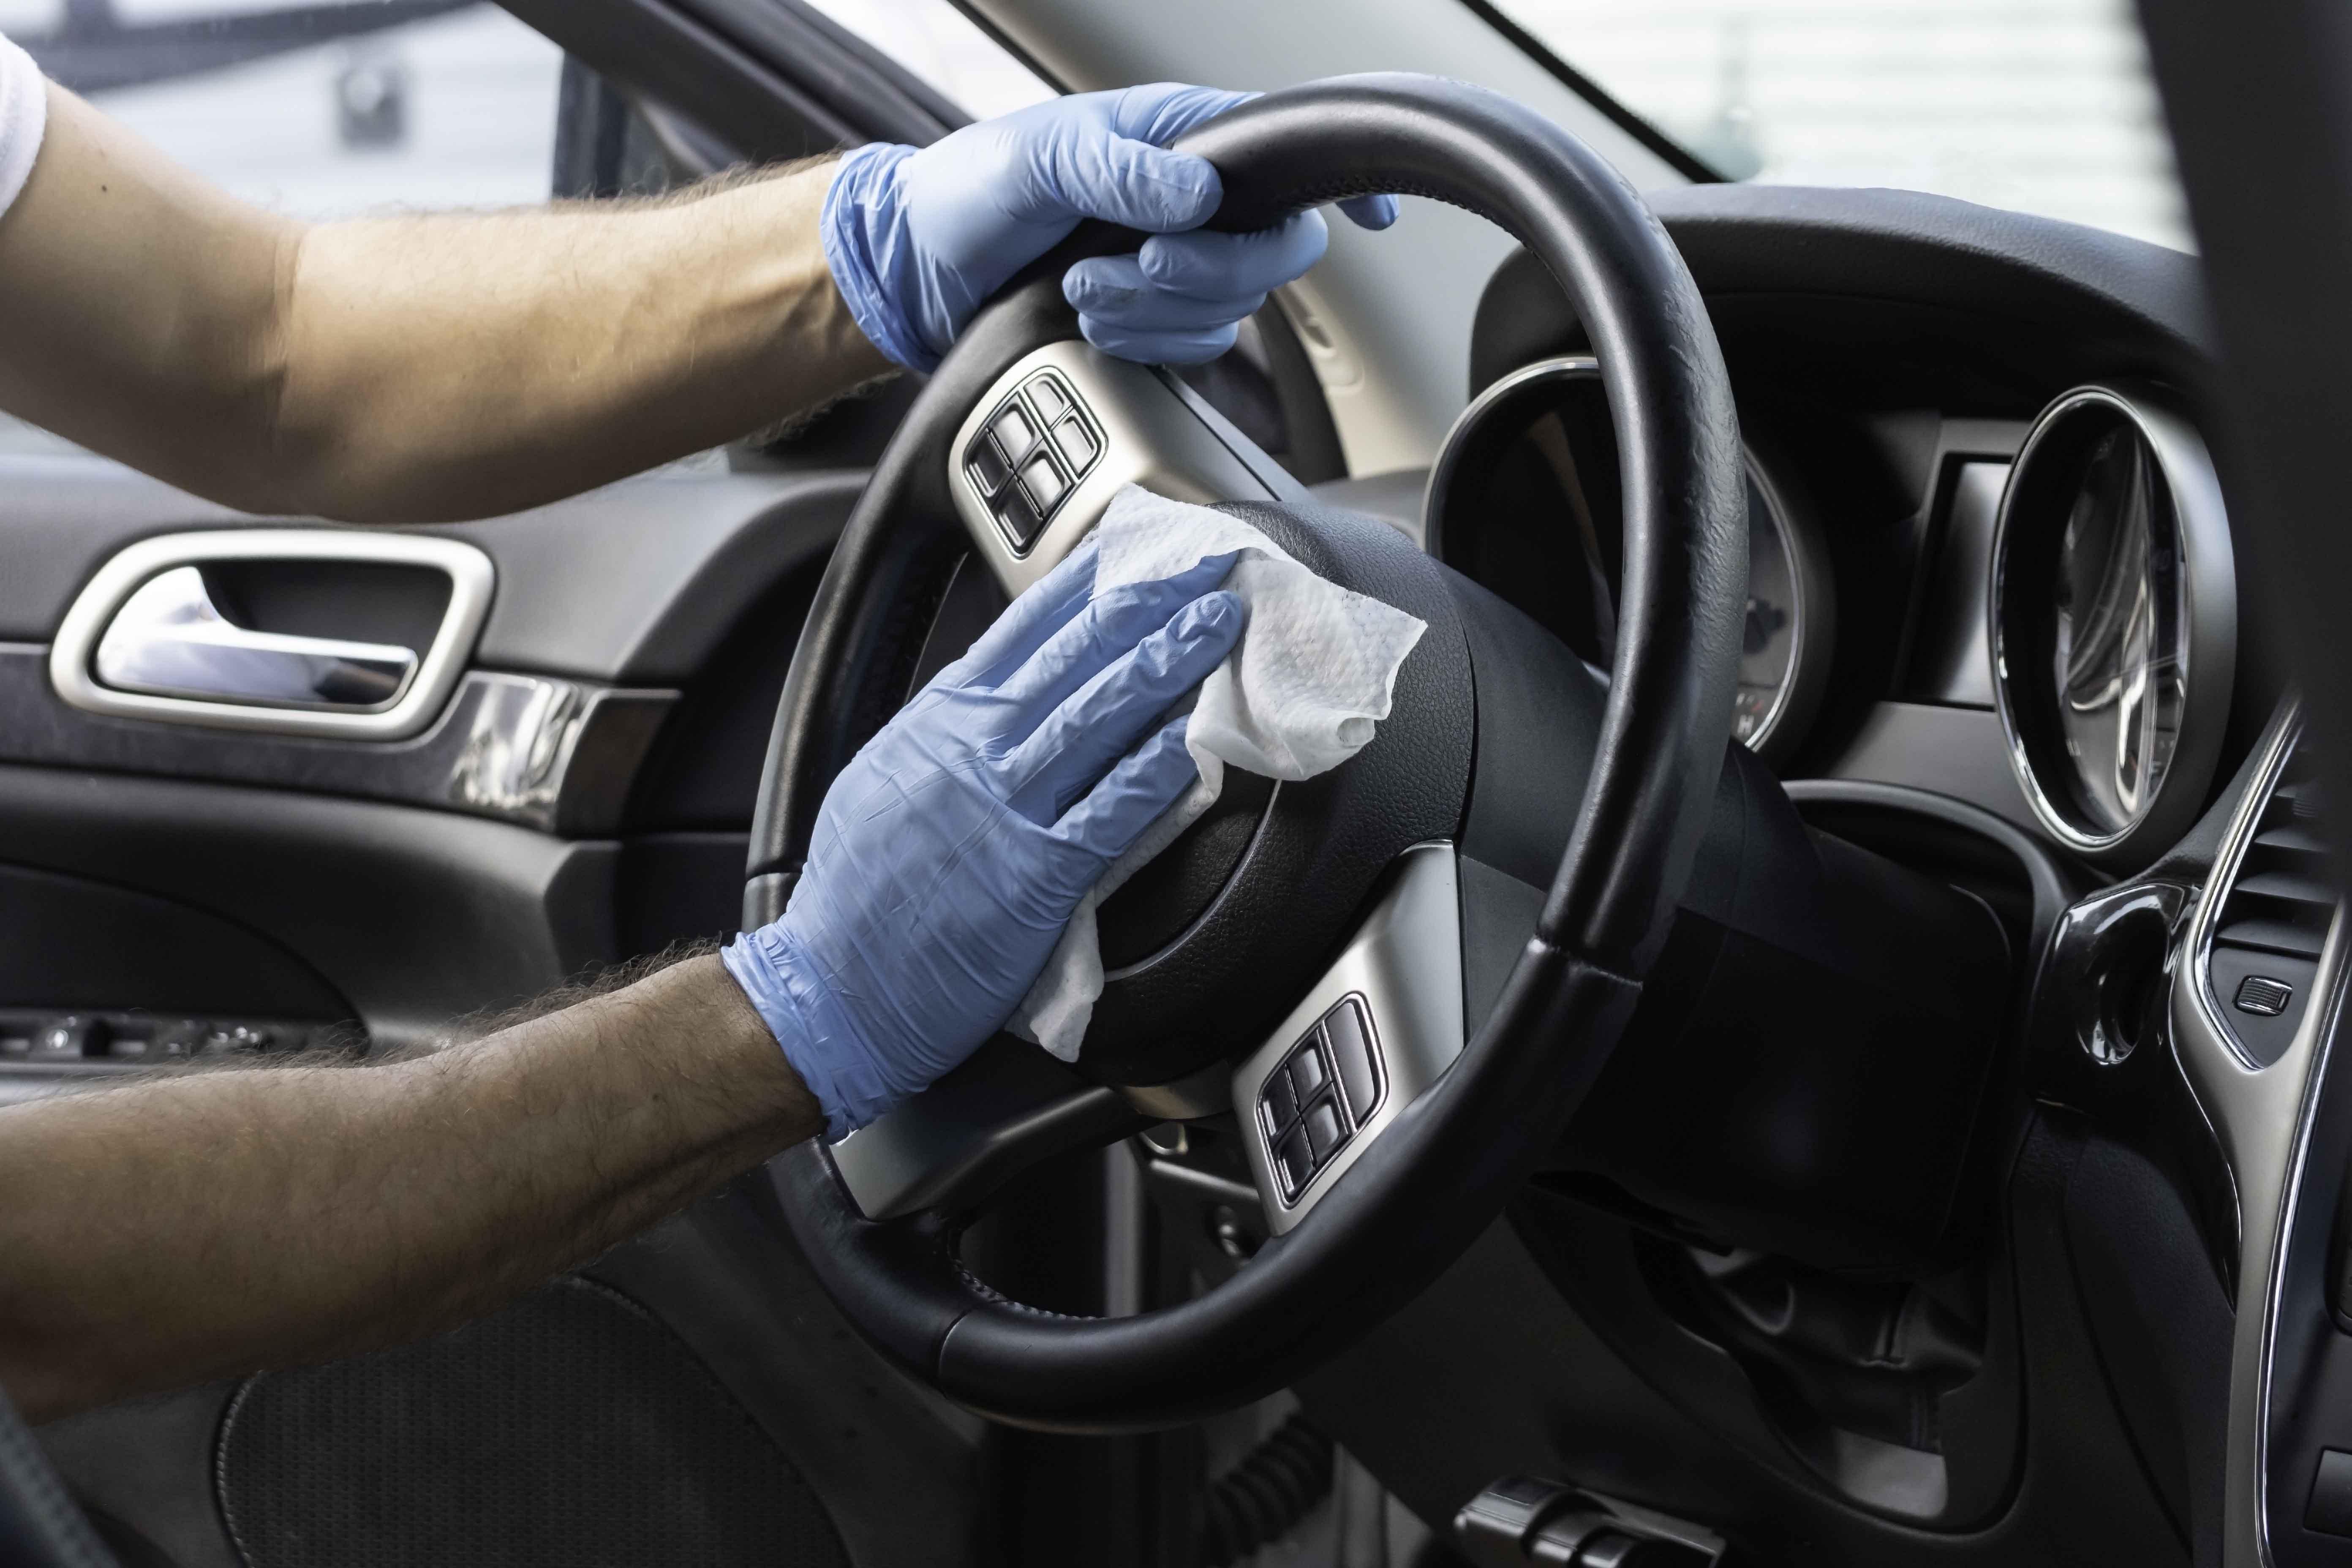 Protocol de neteja i desinfecció dels vehicles